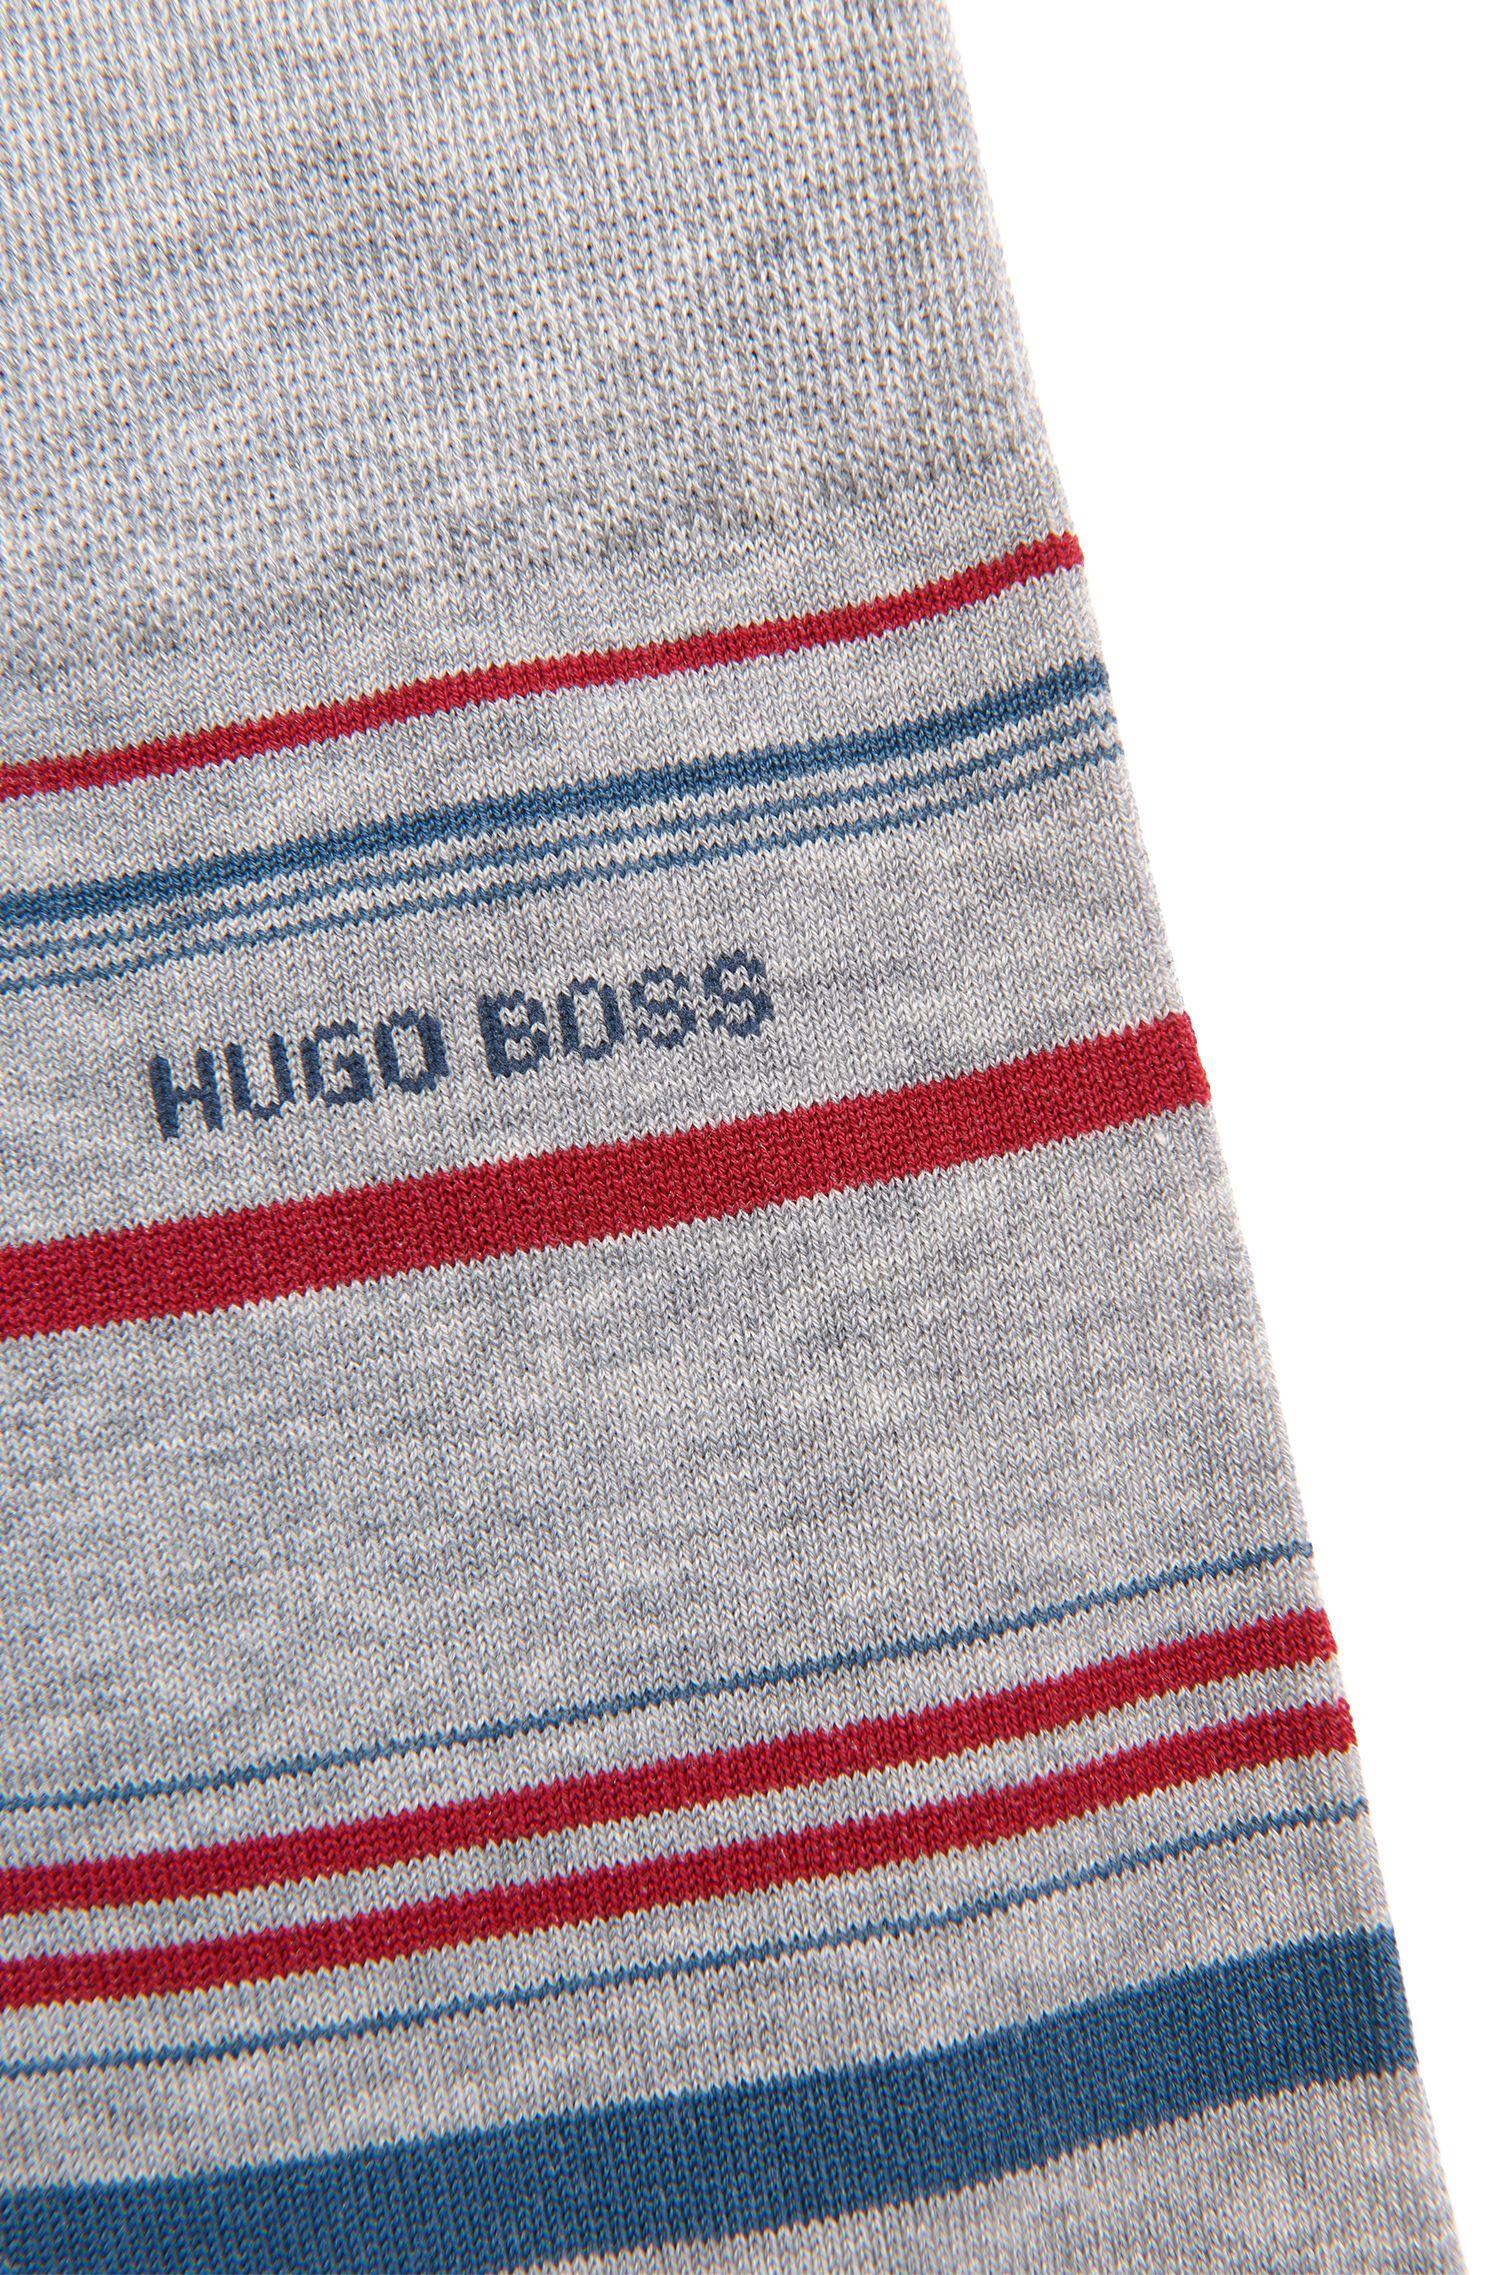 Gestreifte Socken aus merzerisiertem Baumwoll-Mix: 'RS Design US'